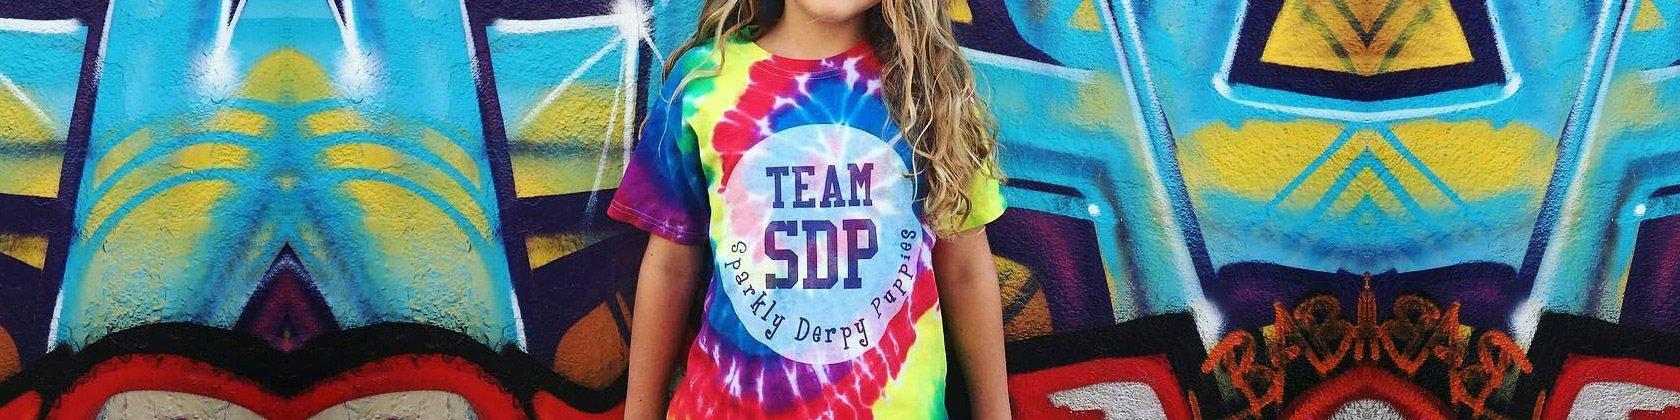 ddc35ee14674f Custom Tie-Dye Shirts, Personalized Tie-Dye Tank Tops